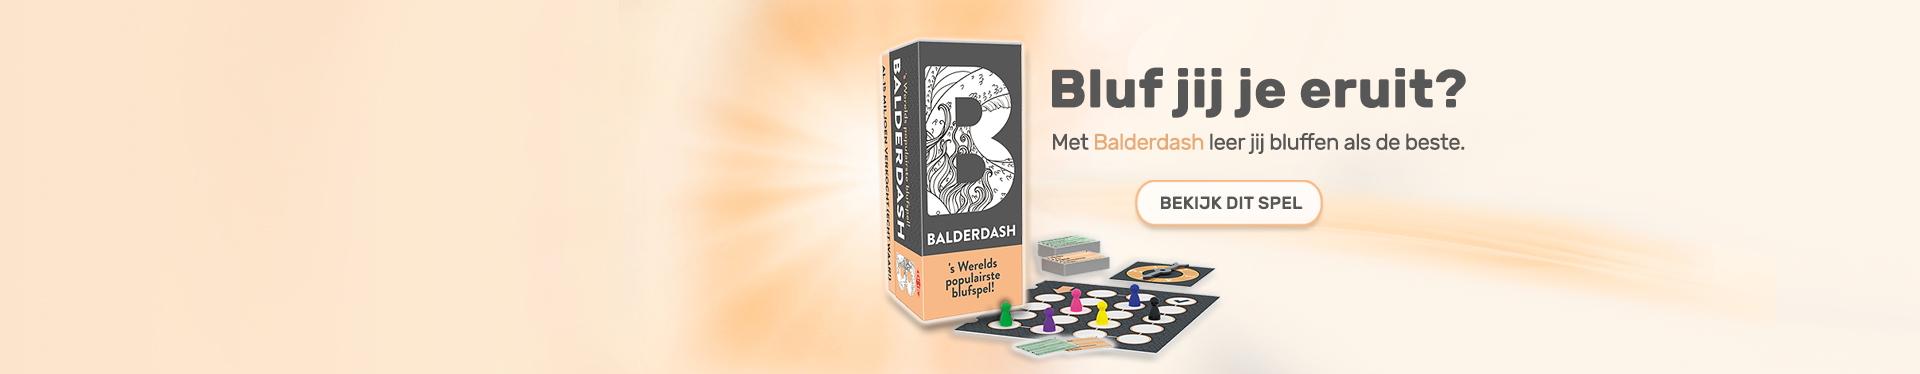 Balderdash (NL versie)